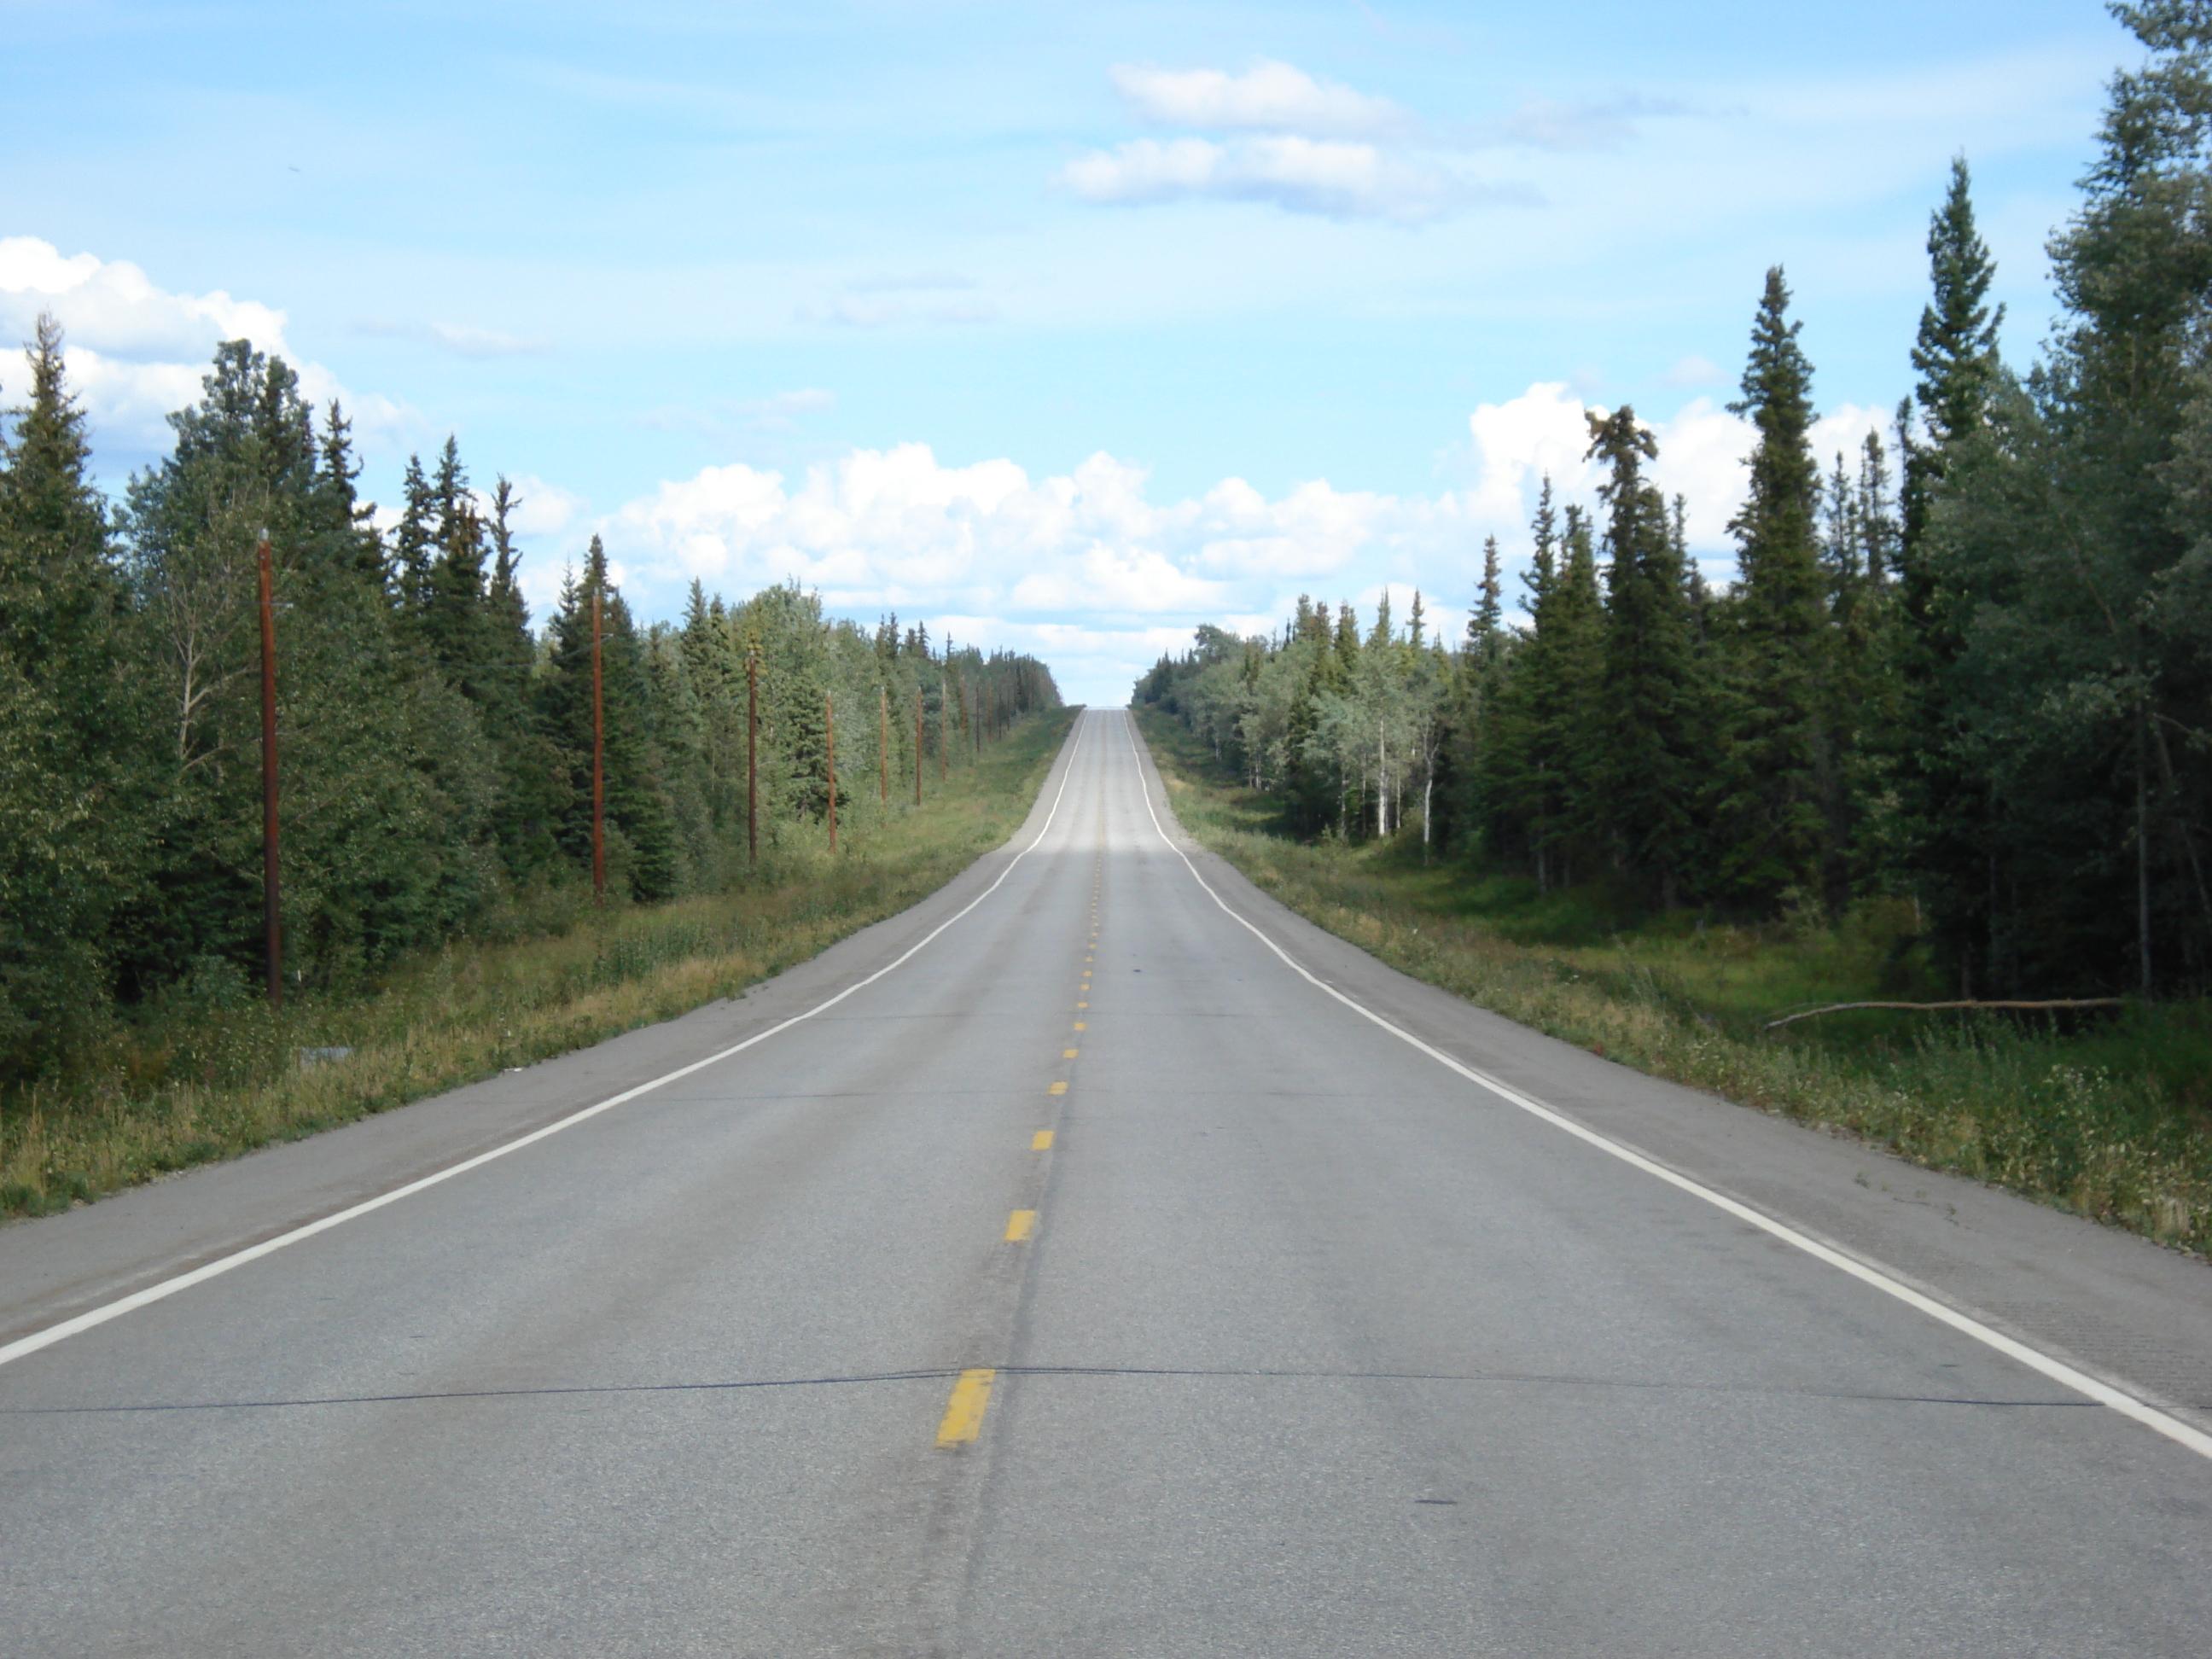 Как в США строят дороги, которые стоят 30 лет без ремонта и ям - Цензор.НЕТ 5469